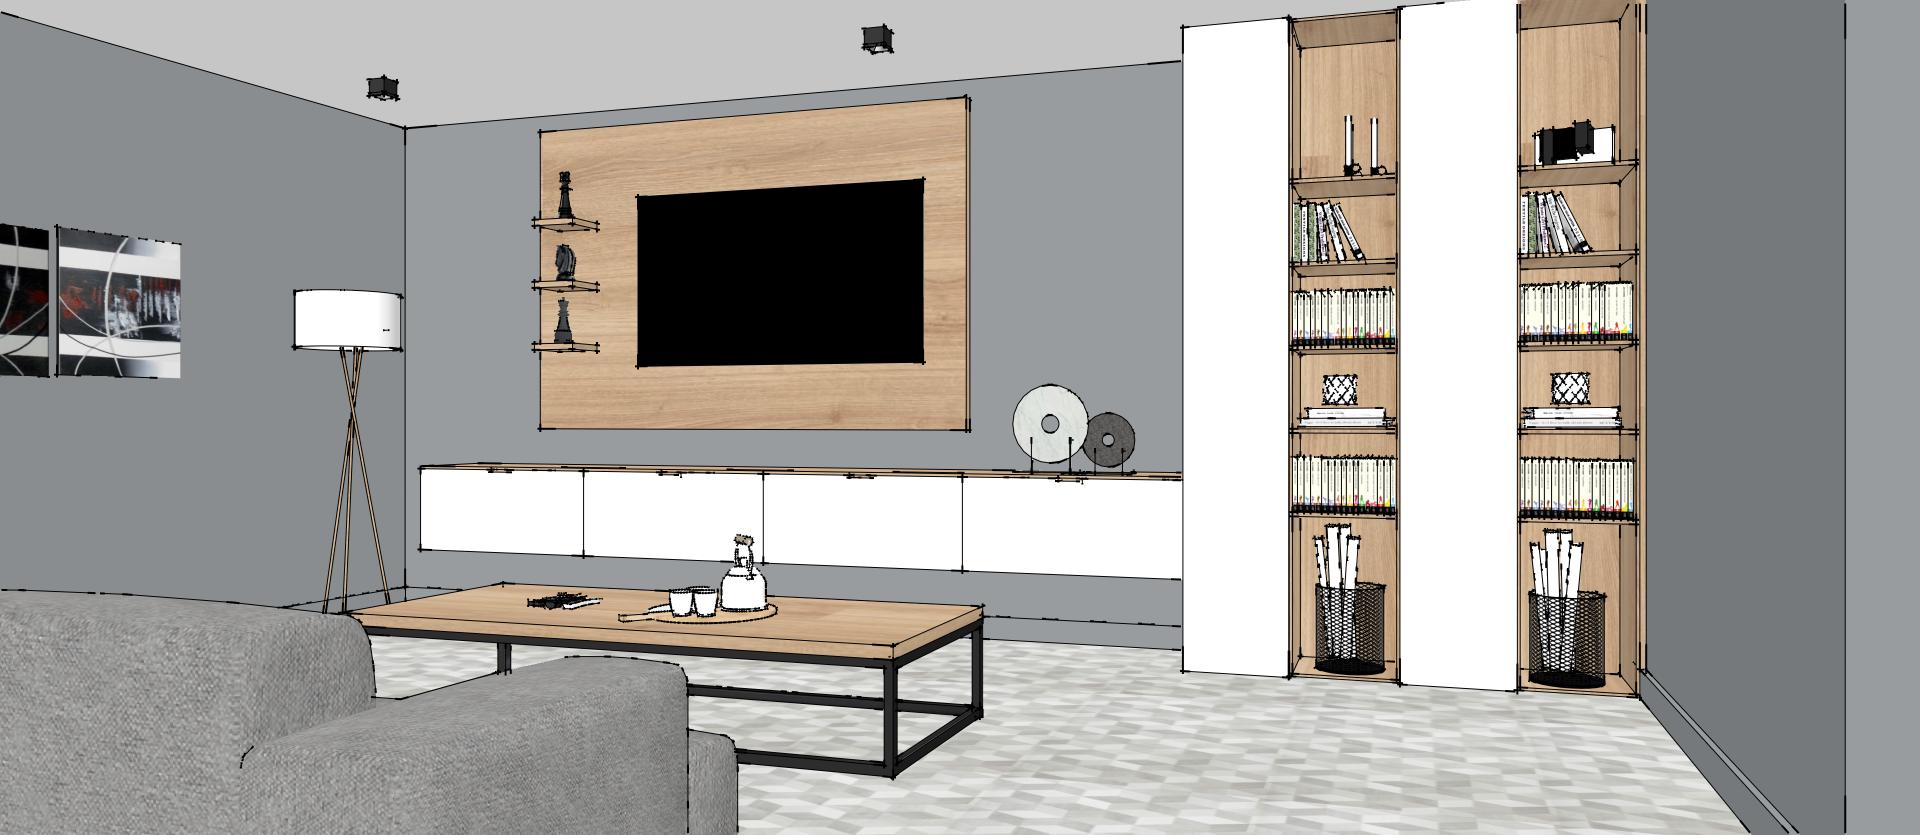 Un Meuble De Salon Moderne Home Decor Home Deco